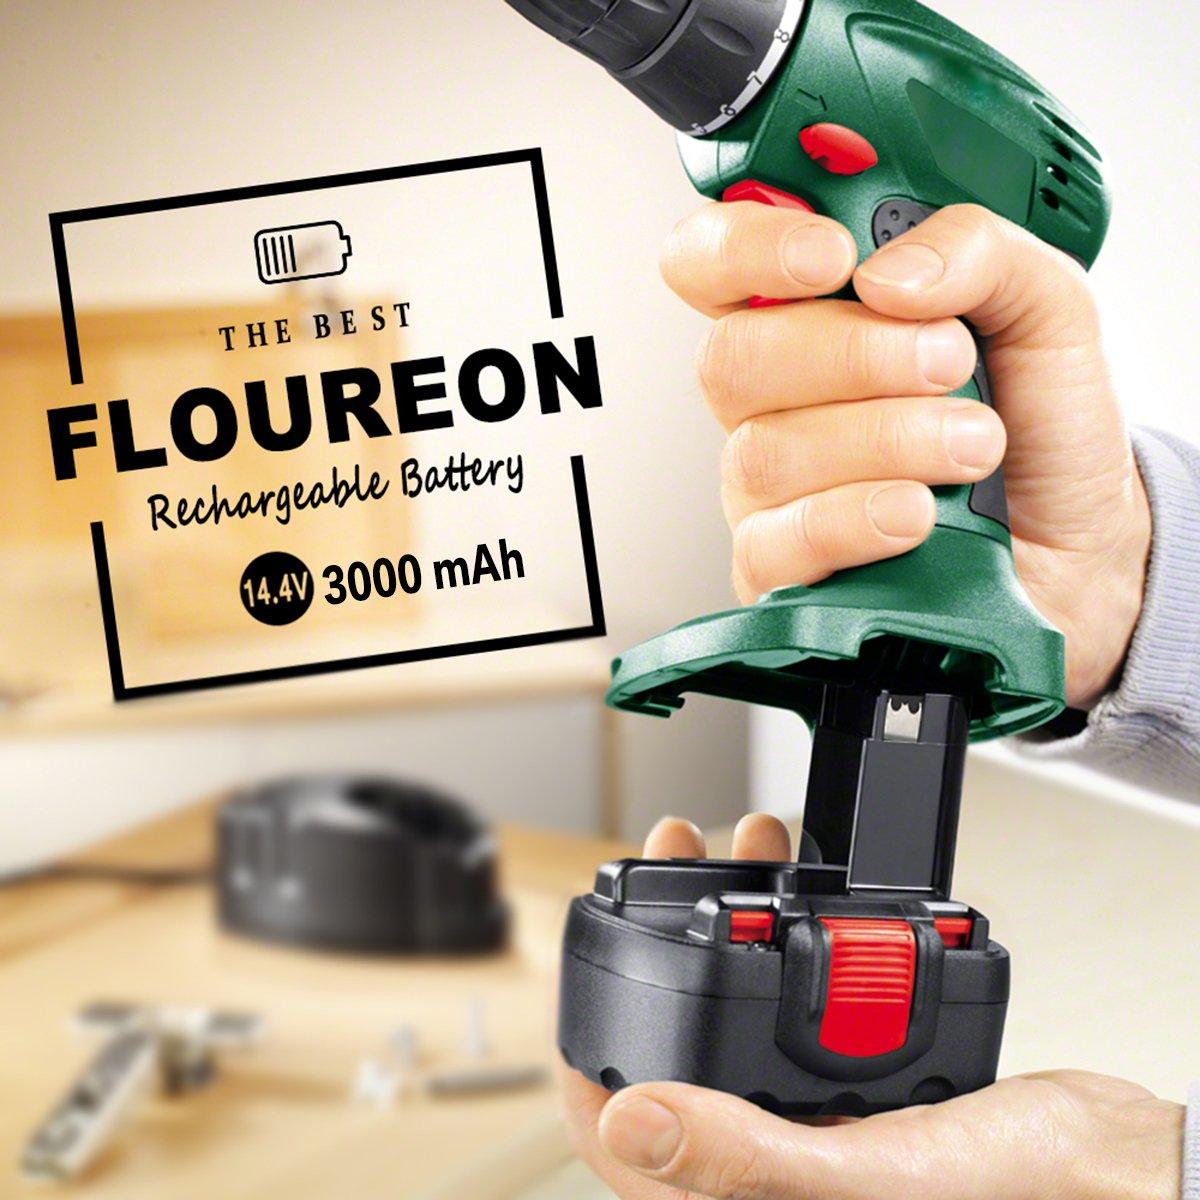 FLOUREON 14.4V 3000mAh Ni-MH Replacement Battery for Bosch 13614 15614 1661 22614 32614 3660K 52314 AHS 41 ART 26 PSR 14.4 PSR Bosch BAT038 BAT040 BAT041 BAT159 2607335275 2607335533 2607335264